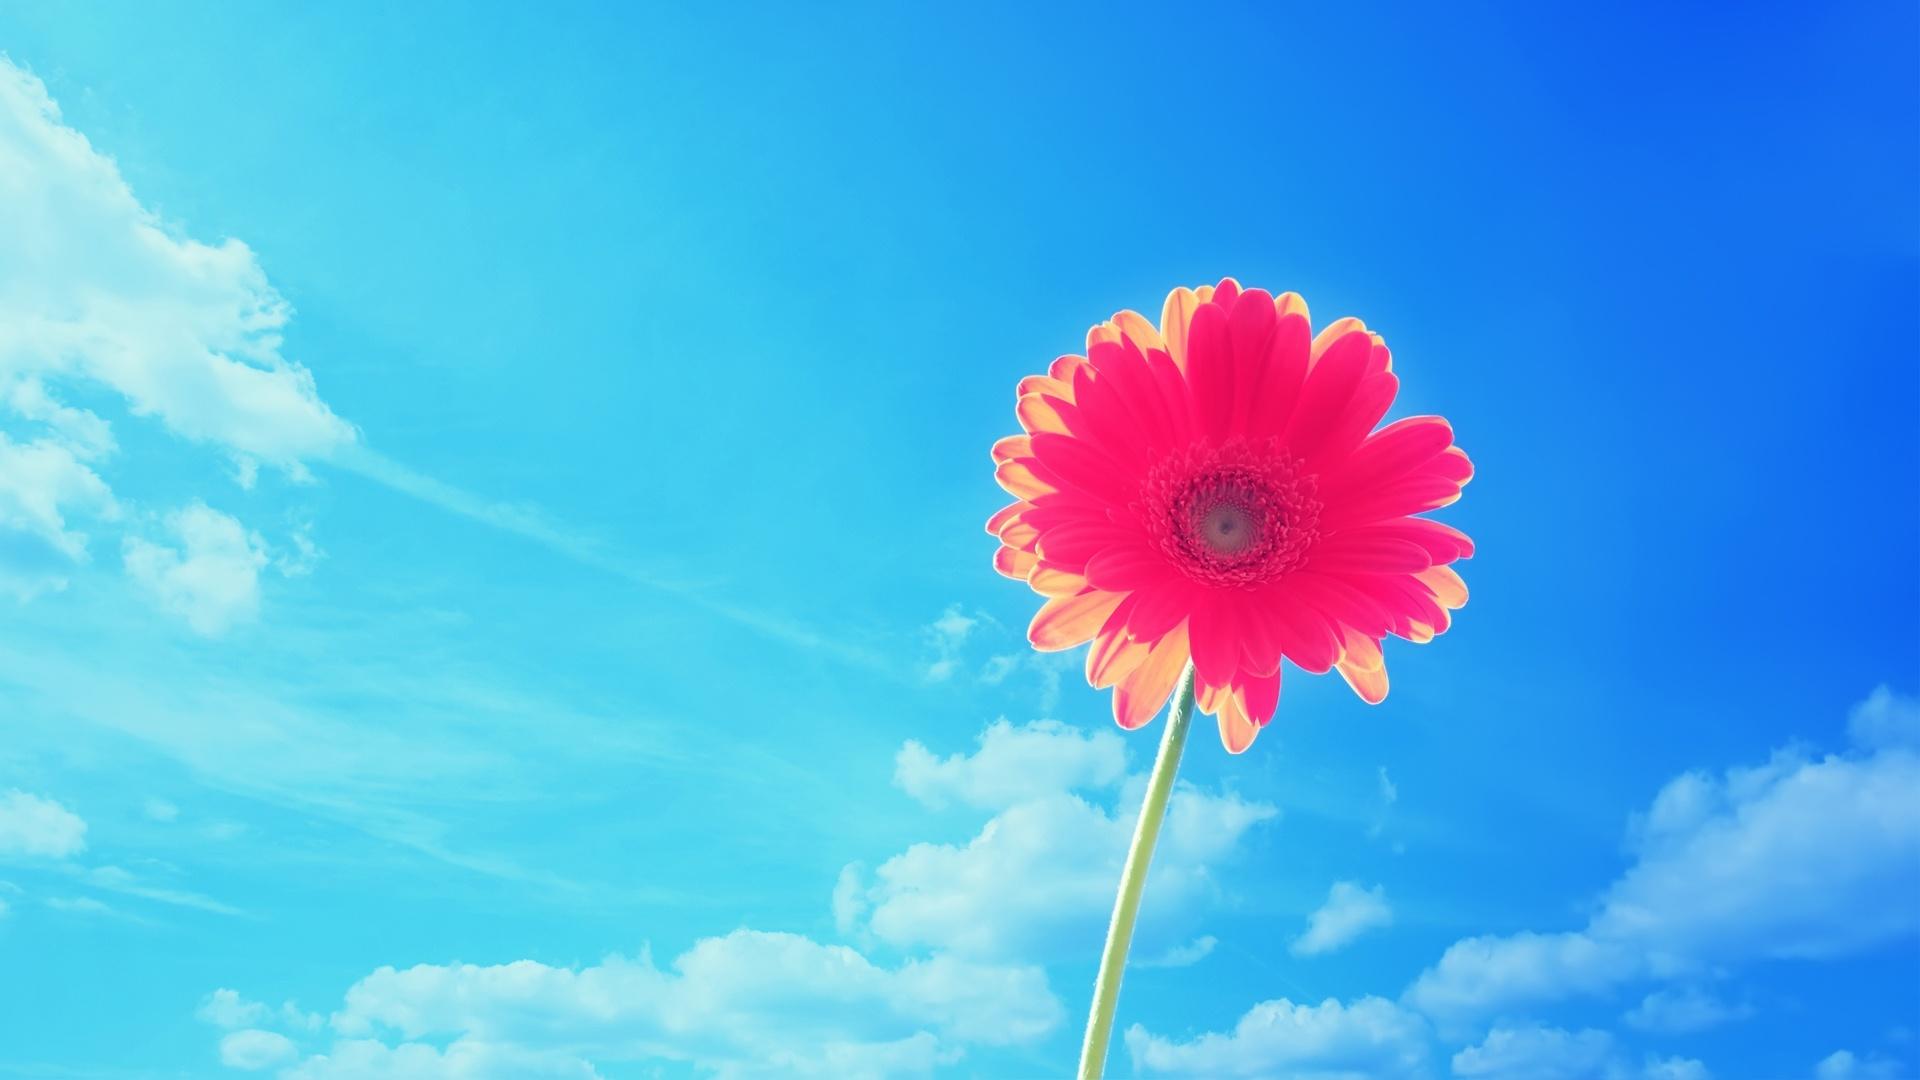 Blue Flowers Hd Desktop Wallpaper Widescreen High Definition 1920x1080